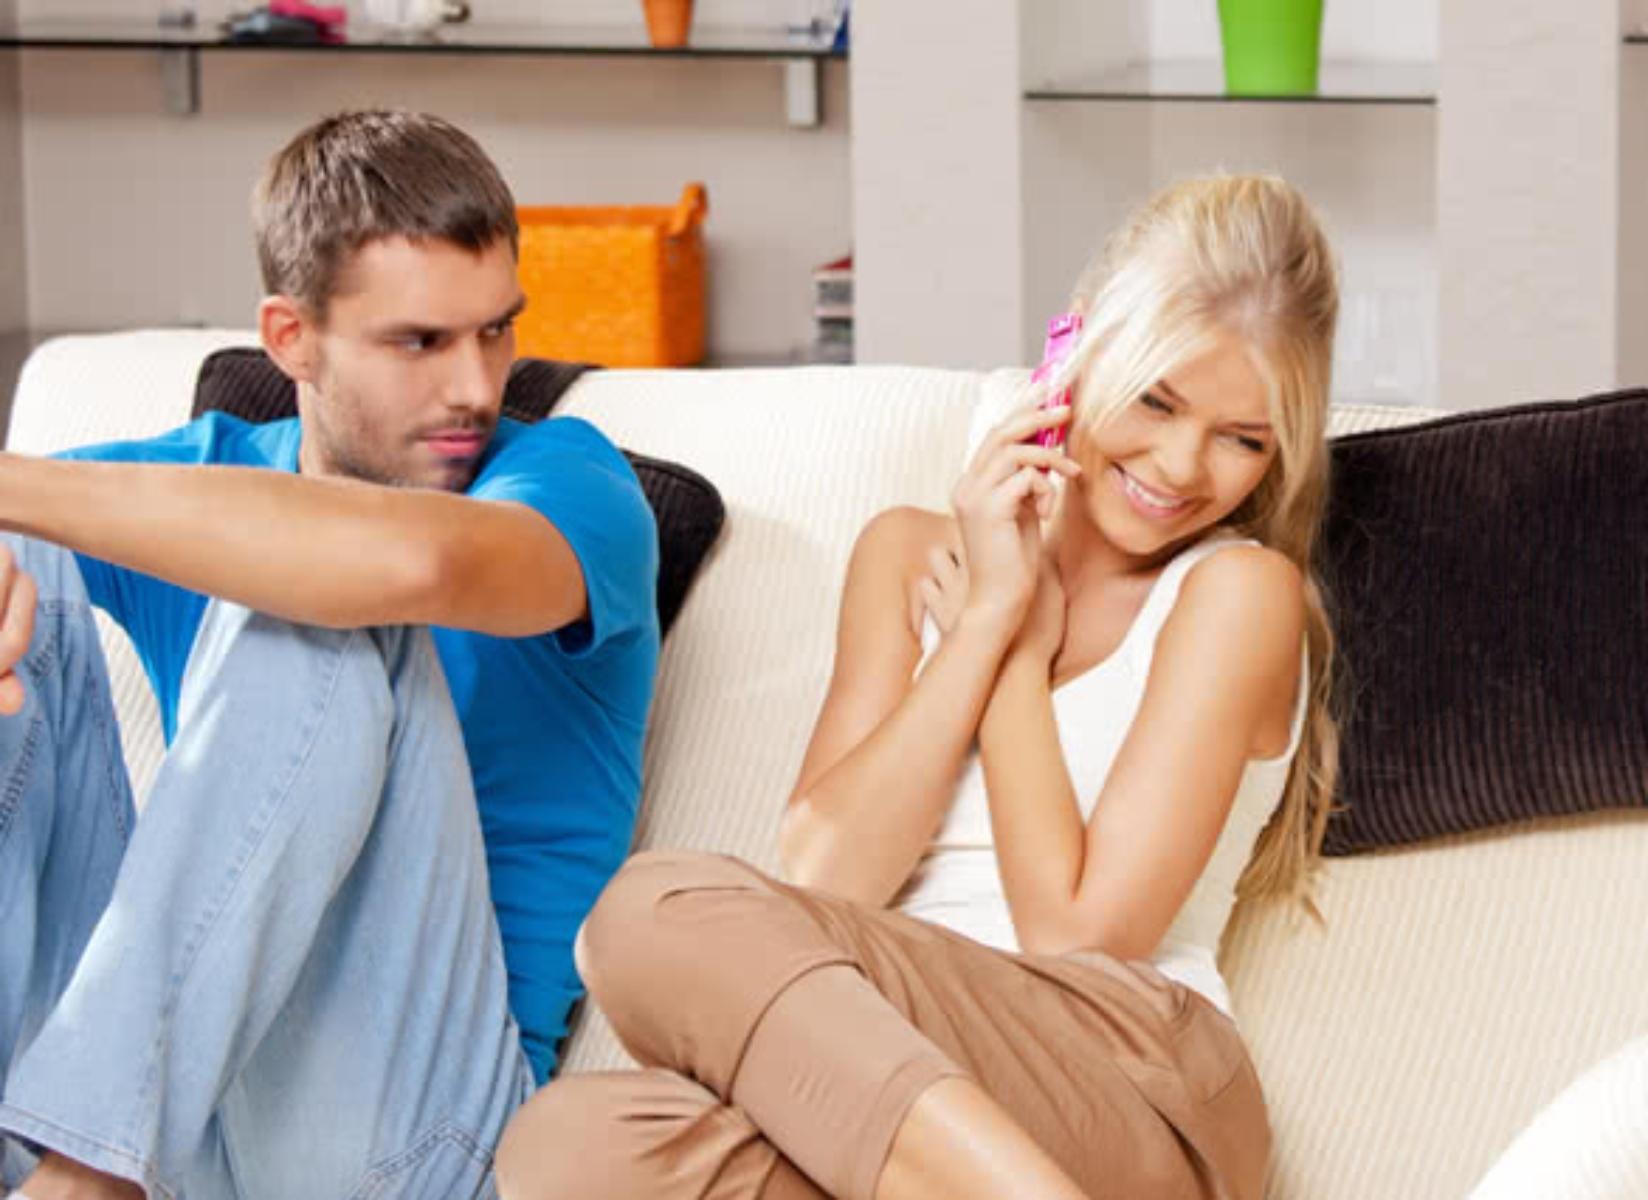 Απιστία σχέση ζευγάρι: Οι άνδρες ή οι γυναίκες ξεπερνούν πιο εύκολα την απιστία;